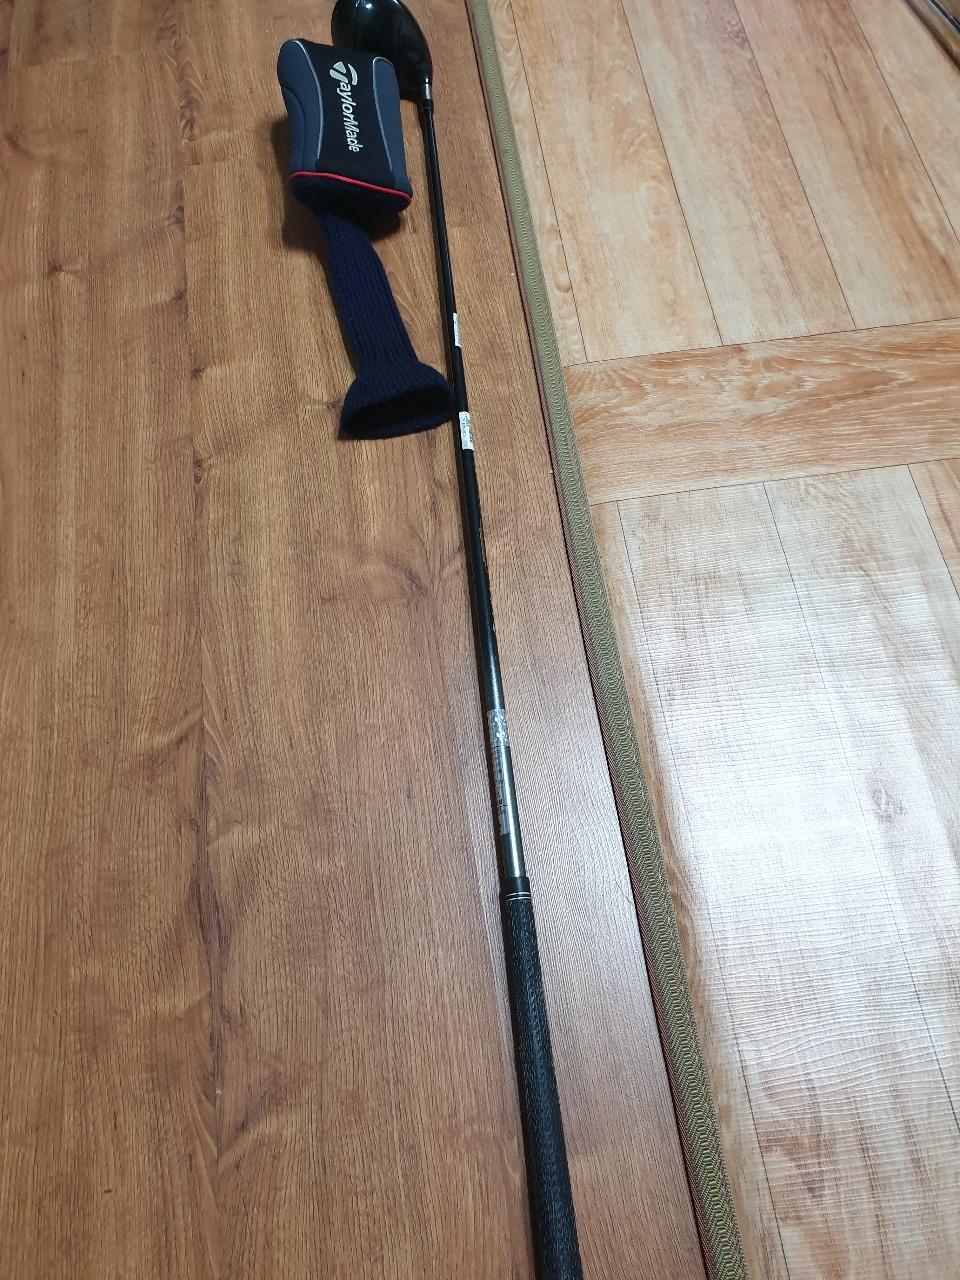 테일러메이드 드라이버(R320) 골프채